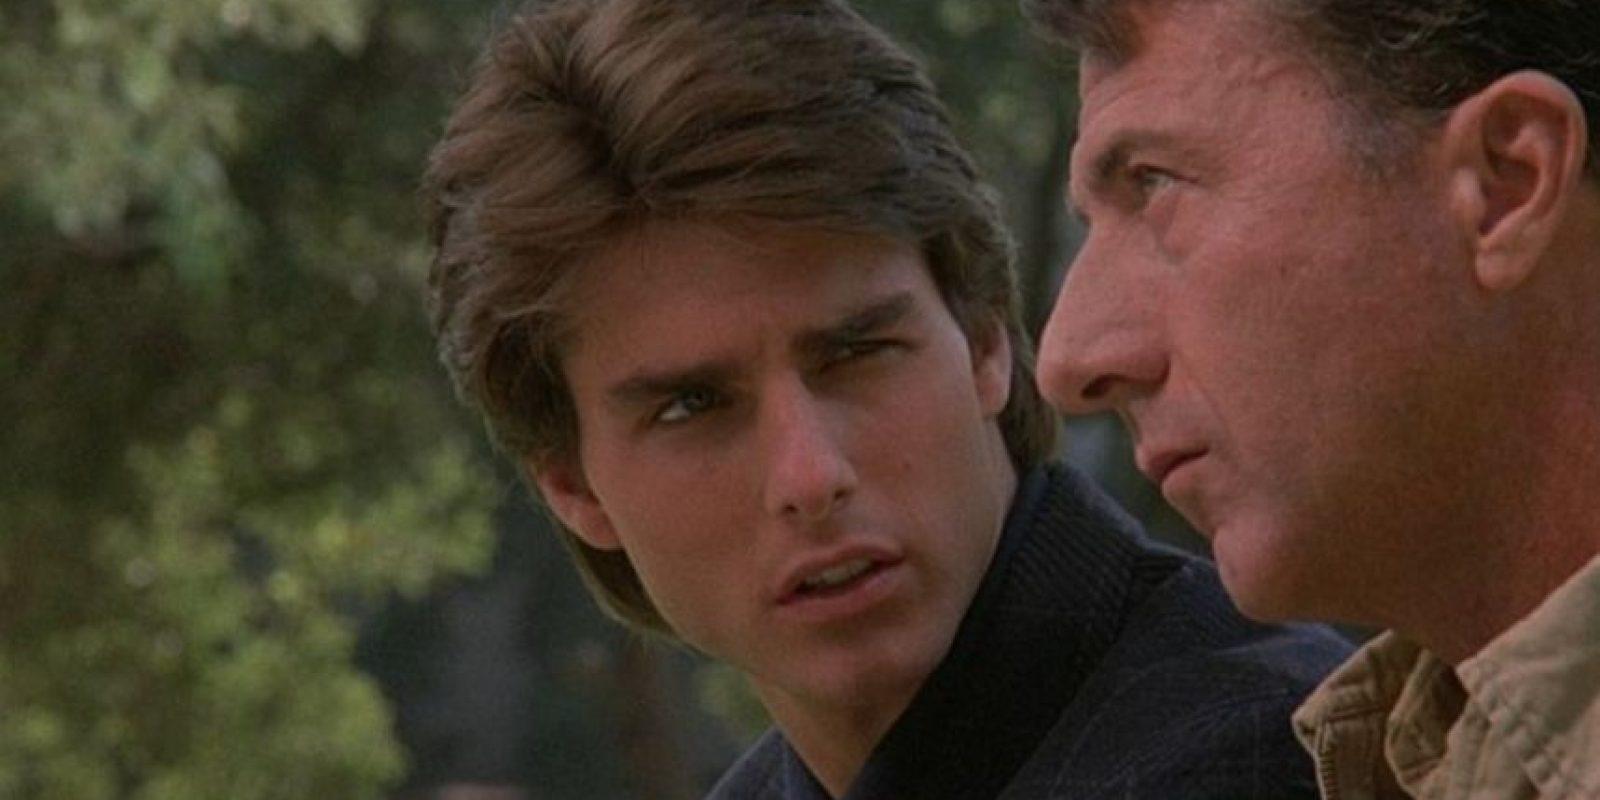 """14- """"Rain Man"""" o """"Cuando los hermanos se encuentran"""" es una película estadounidense de 1988 que cuenta la historía de dos hermanos: uno exitoso y el otro autista. Obtuvo 4 premios de la Academia incluyendo mejor película. Foto:The Guber-Peters Company"""